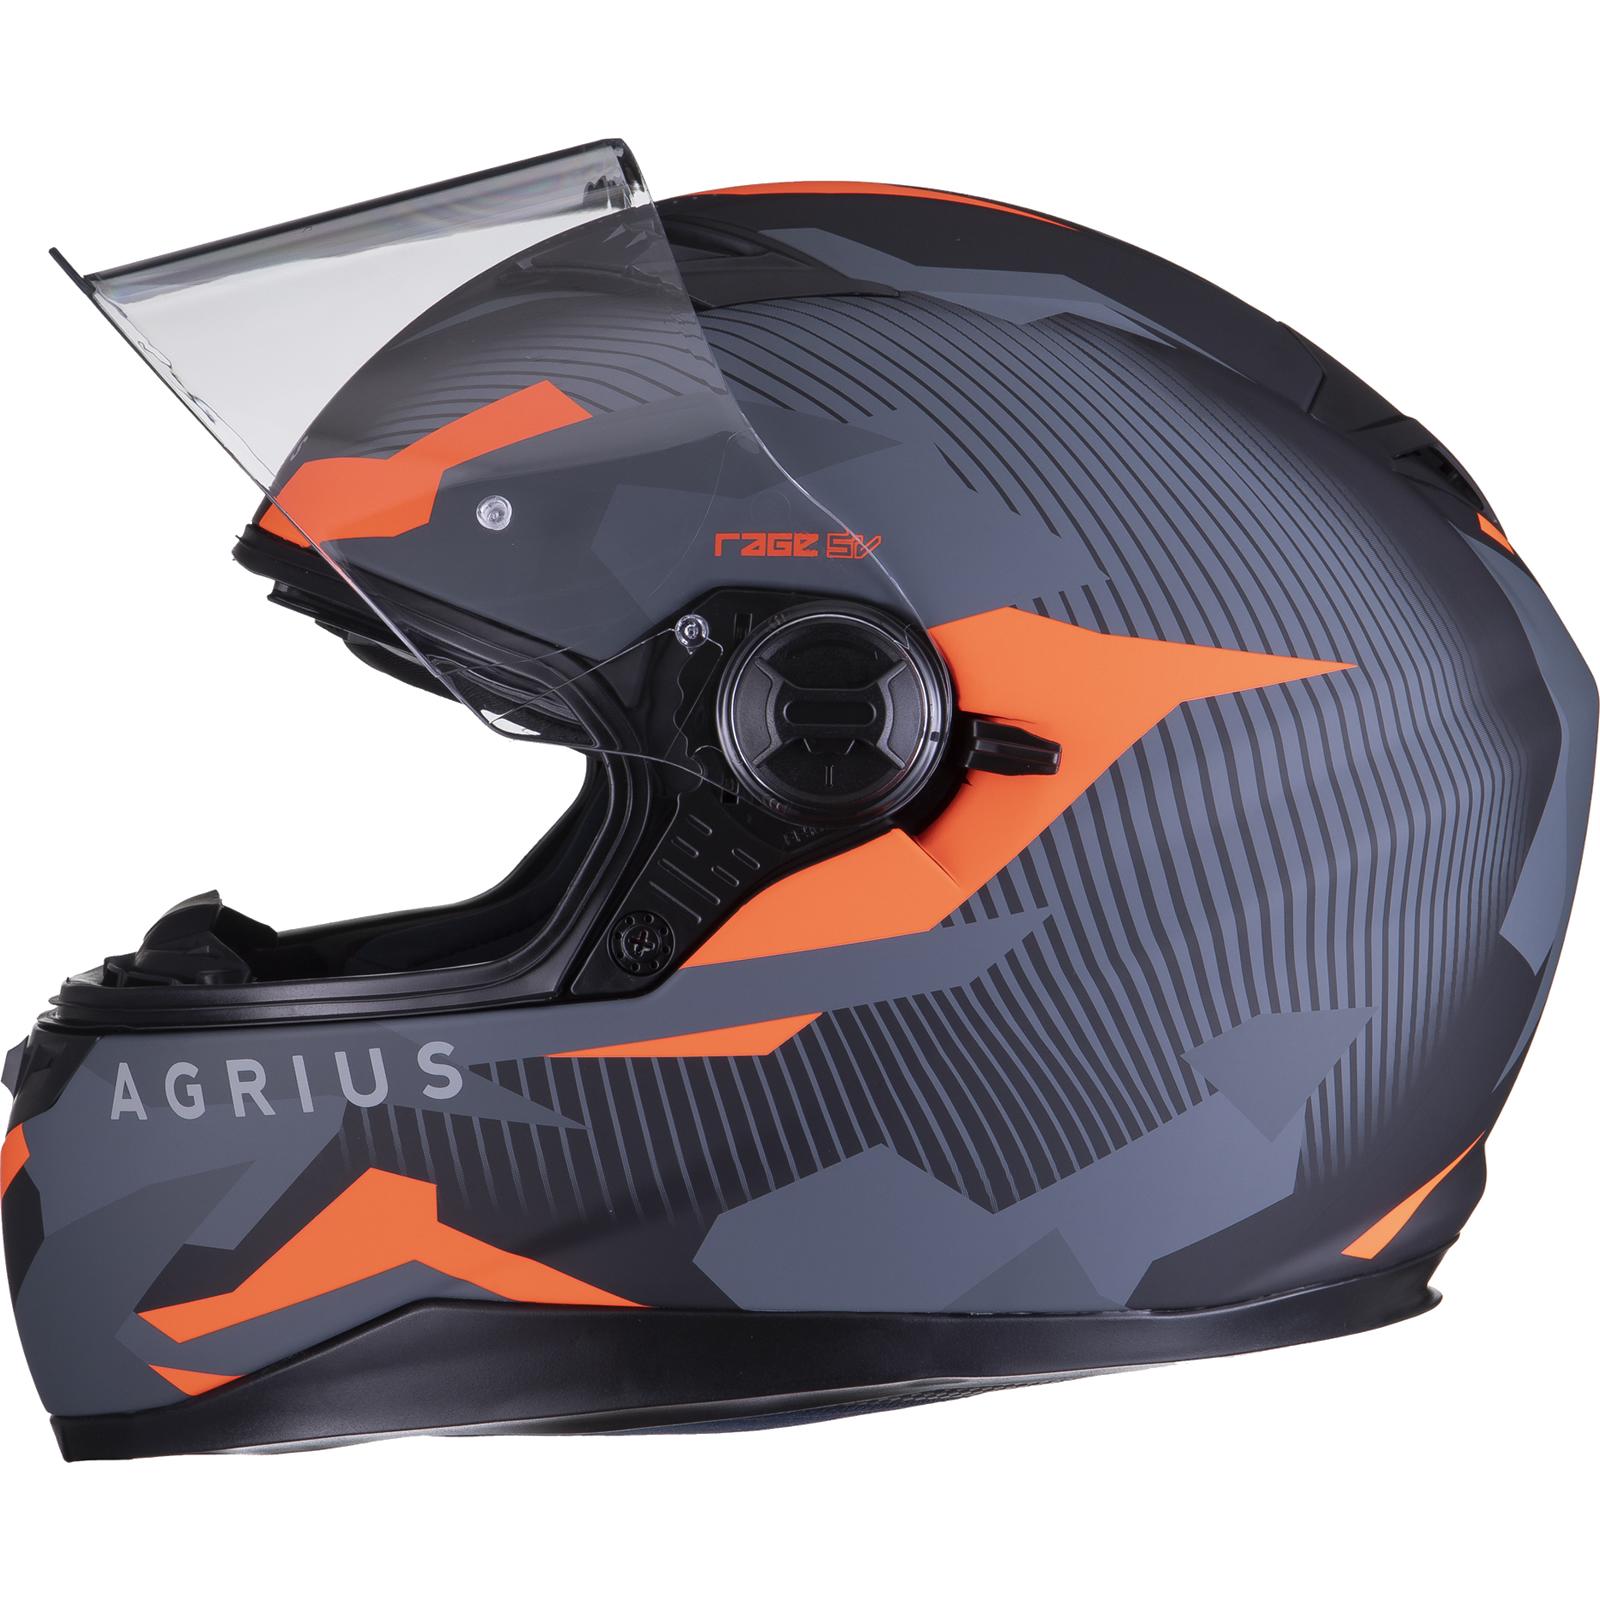 Agrius-Rage-SV-Tracker-Full-Face-Motorcycle-Matt-Helmet-bike-Road-Bike-Scooter thumbnail 31